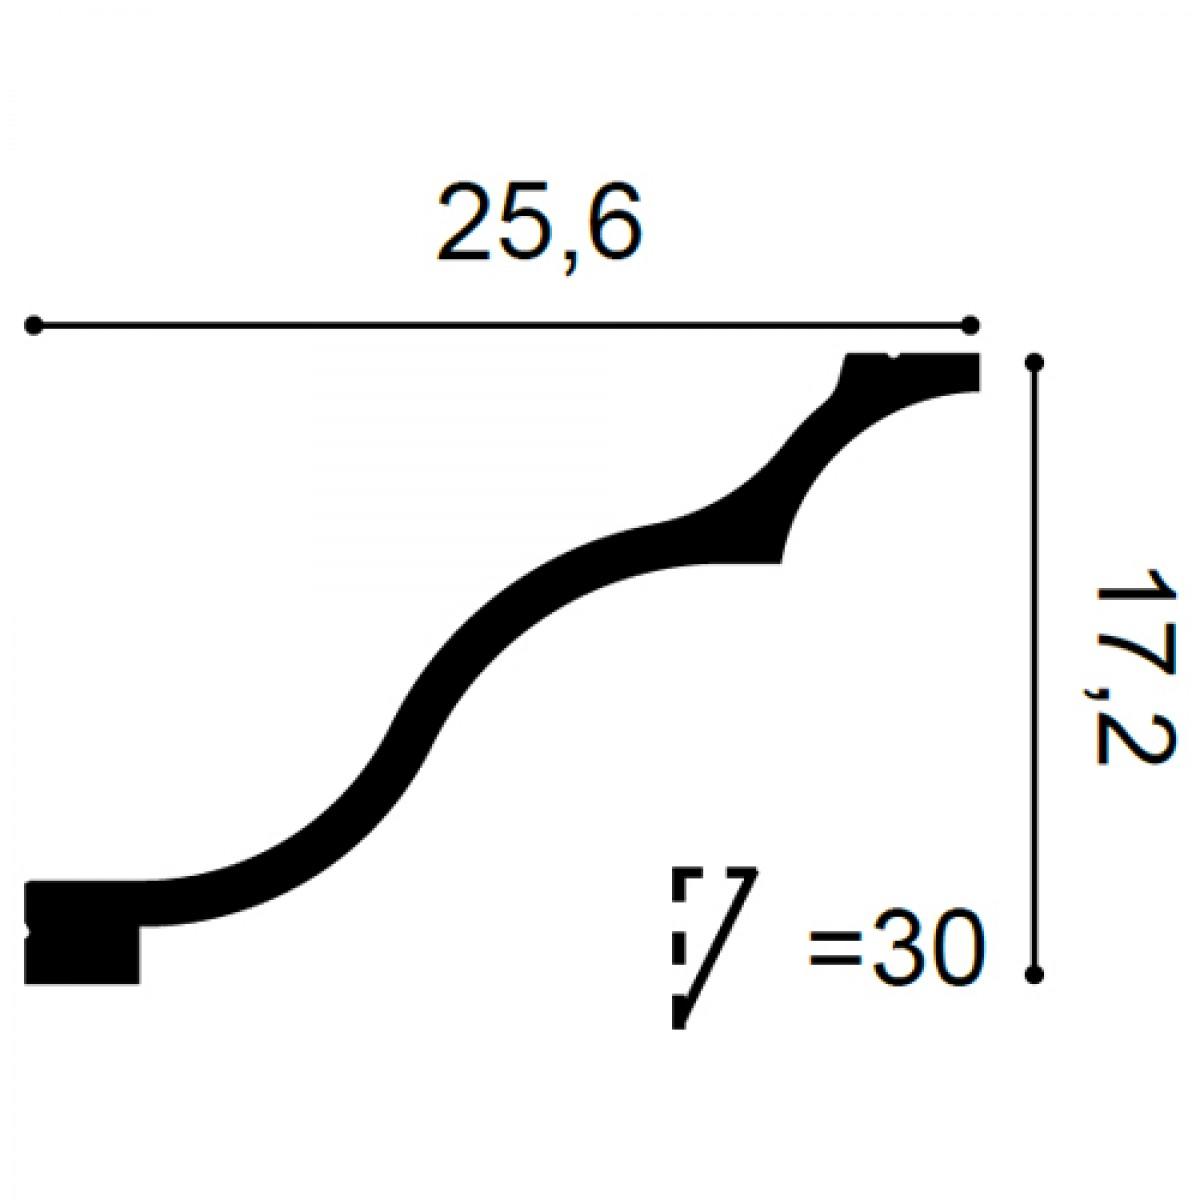 Cornisa Luxxus C337, Dimensiuni: 200 X 25.6 X 17.2 cm, Orac Decor